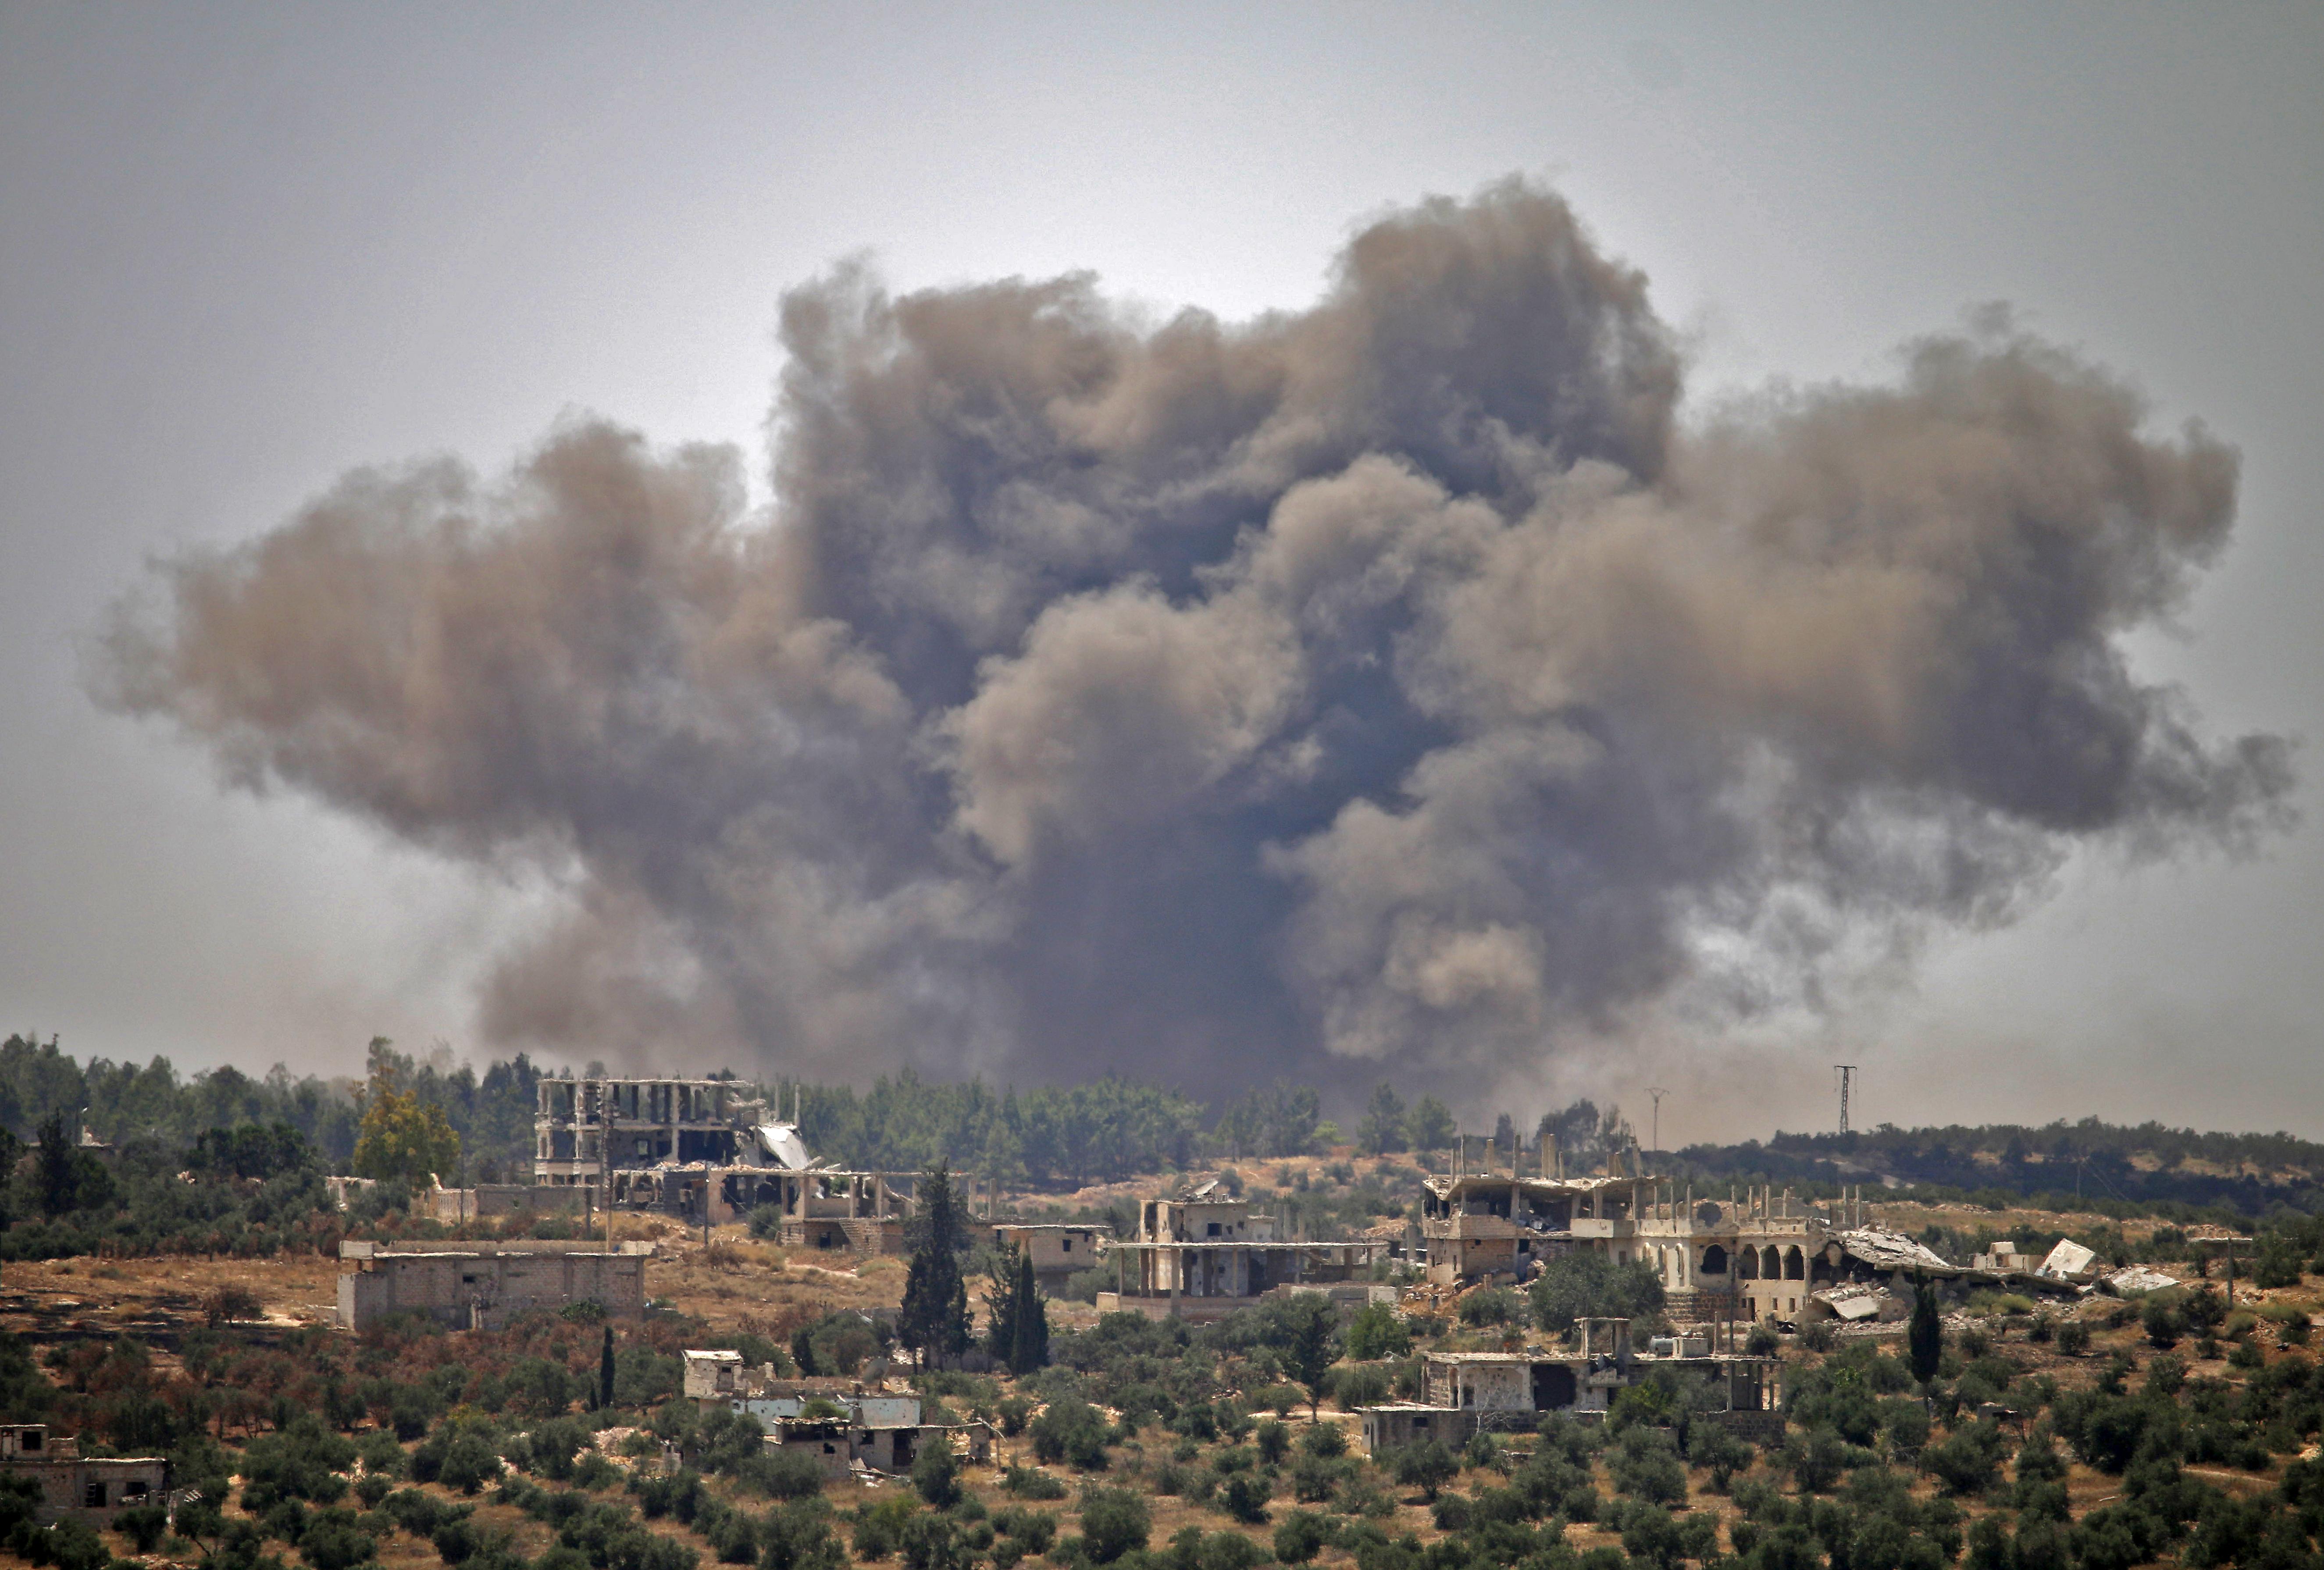 الدخان يتصاعد من منطقة في درعا تعرضت لقصف طائرات النظام السوري